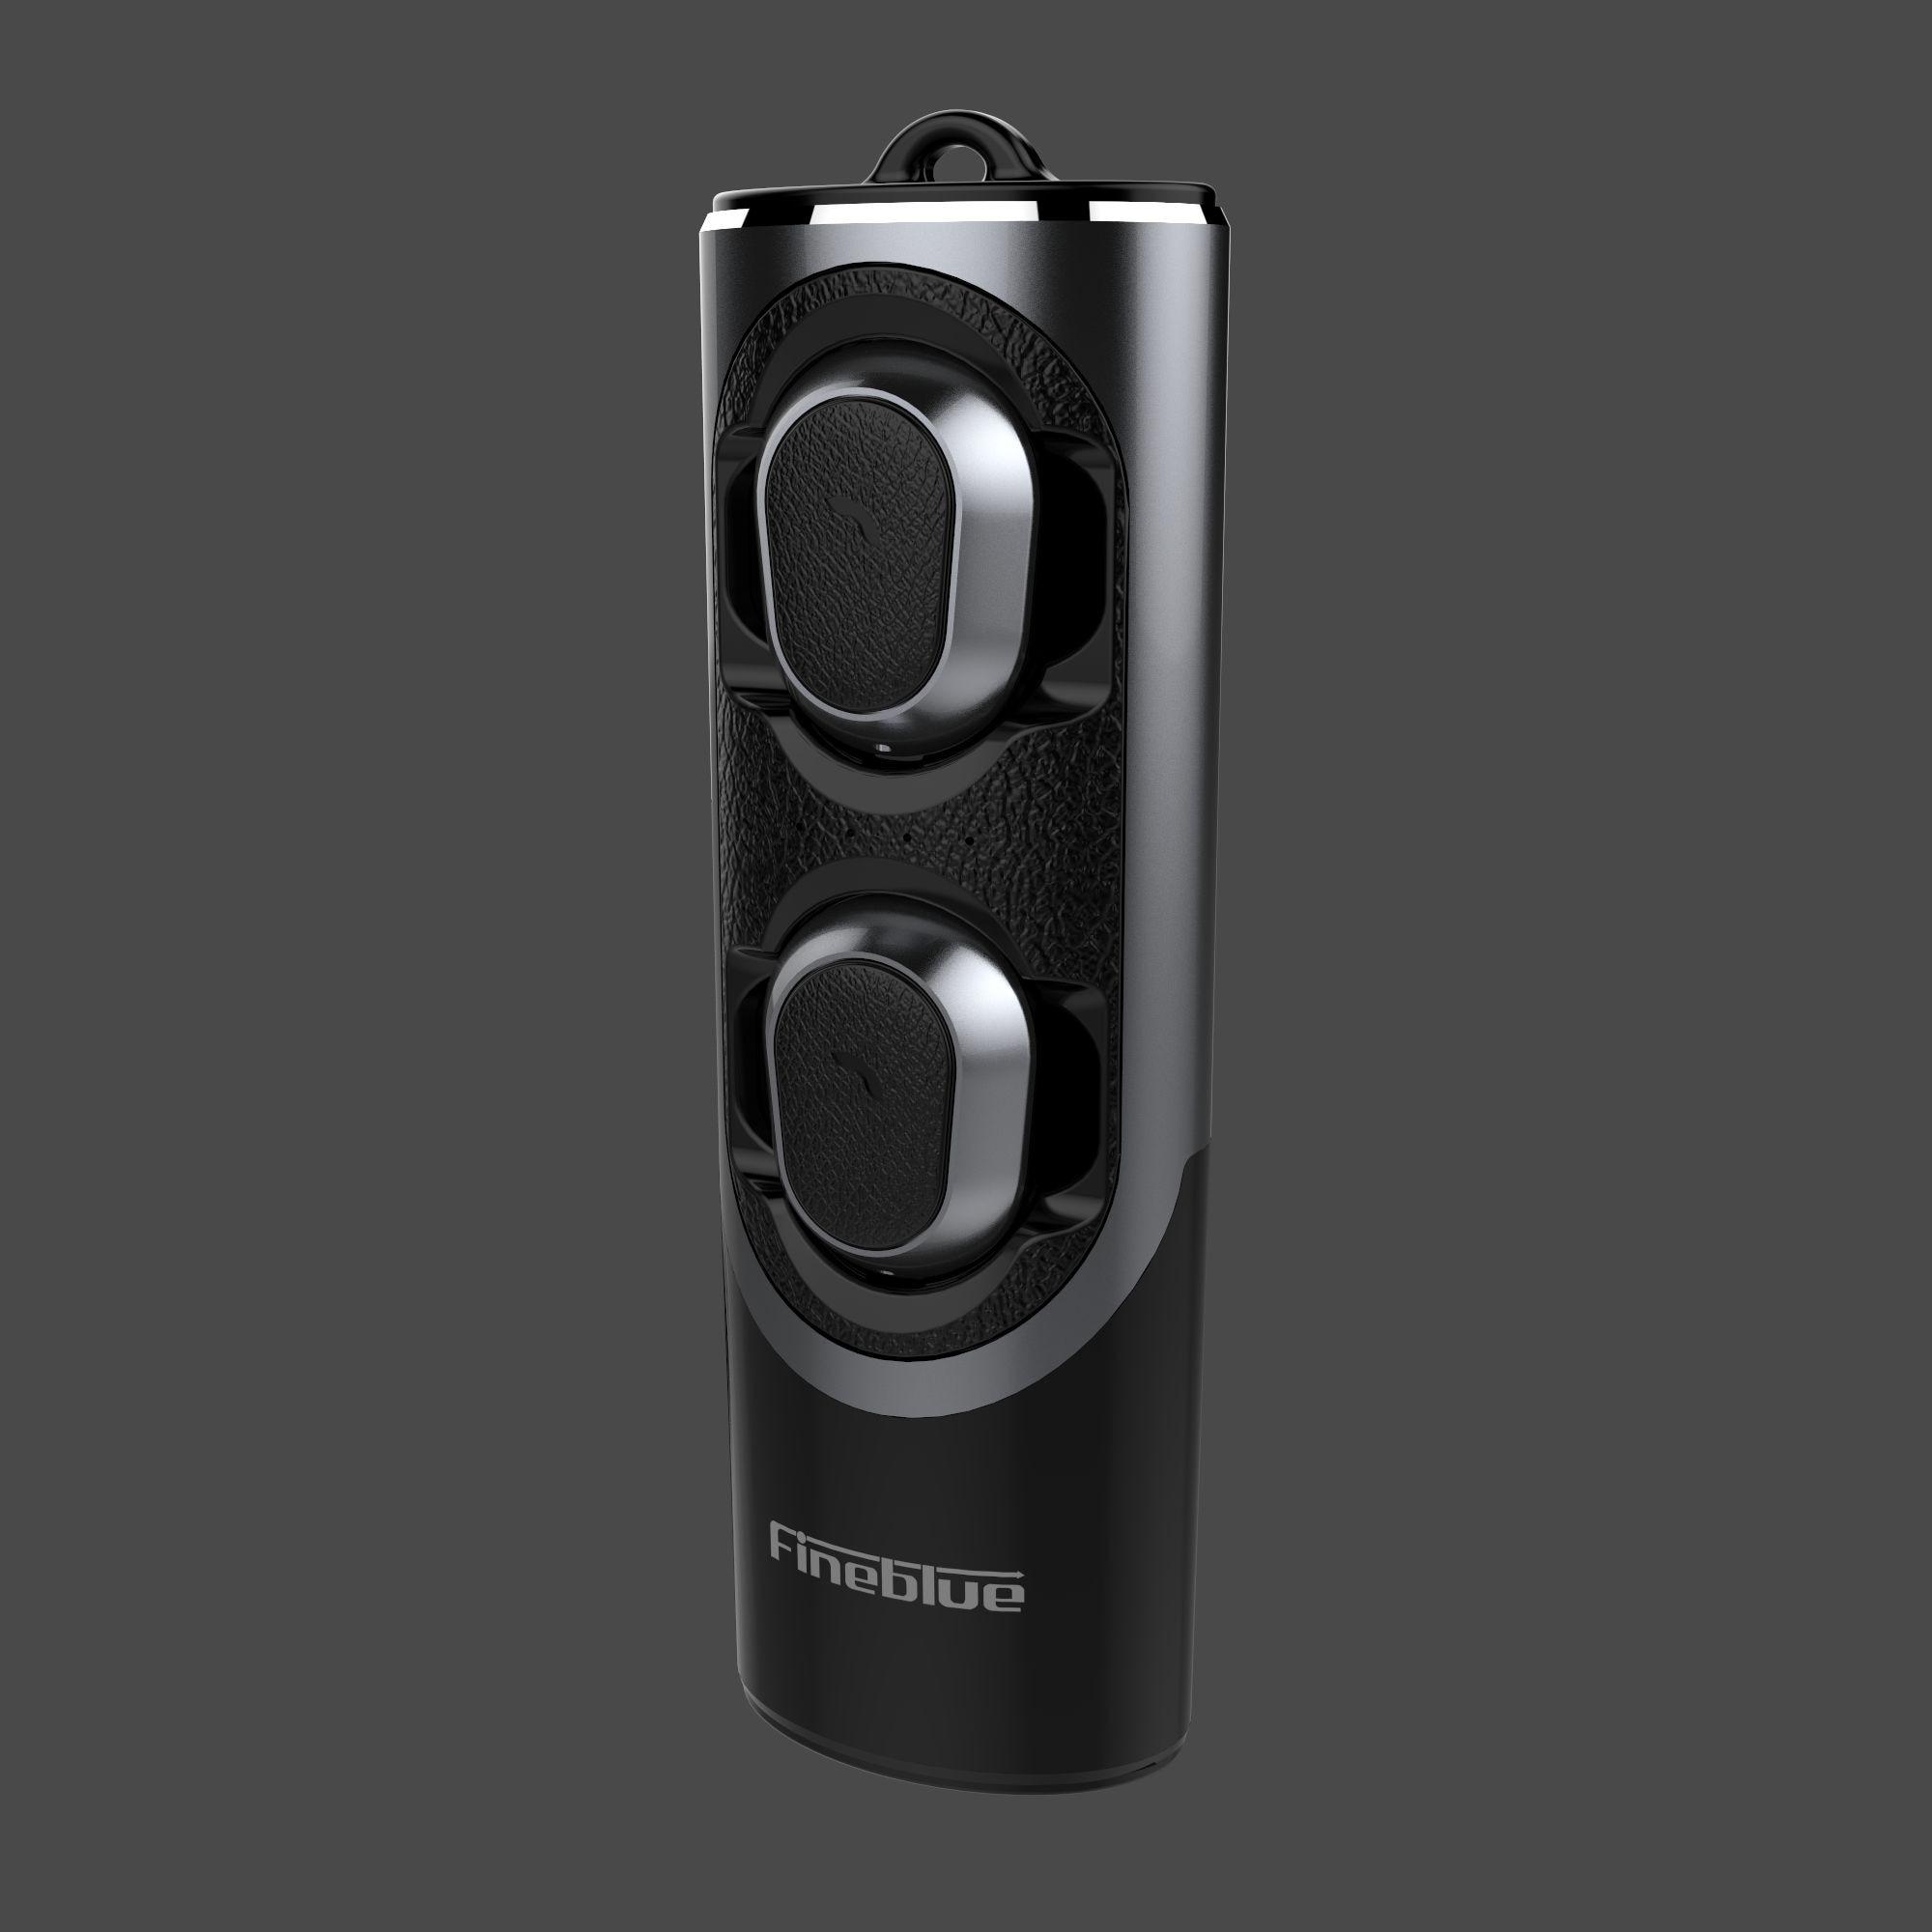 FLAIKATE écouteur sans fil pour iPhone téléphone intelligent tablette PC TWS Bluetooth V5.0 casque stéréo musique aimant mains libres écouteur - 3